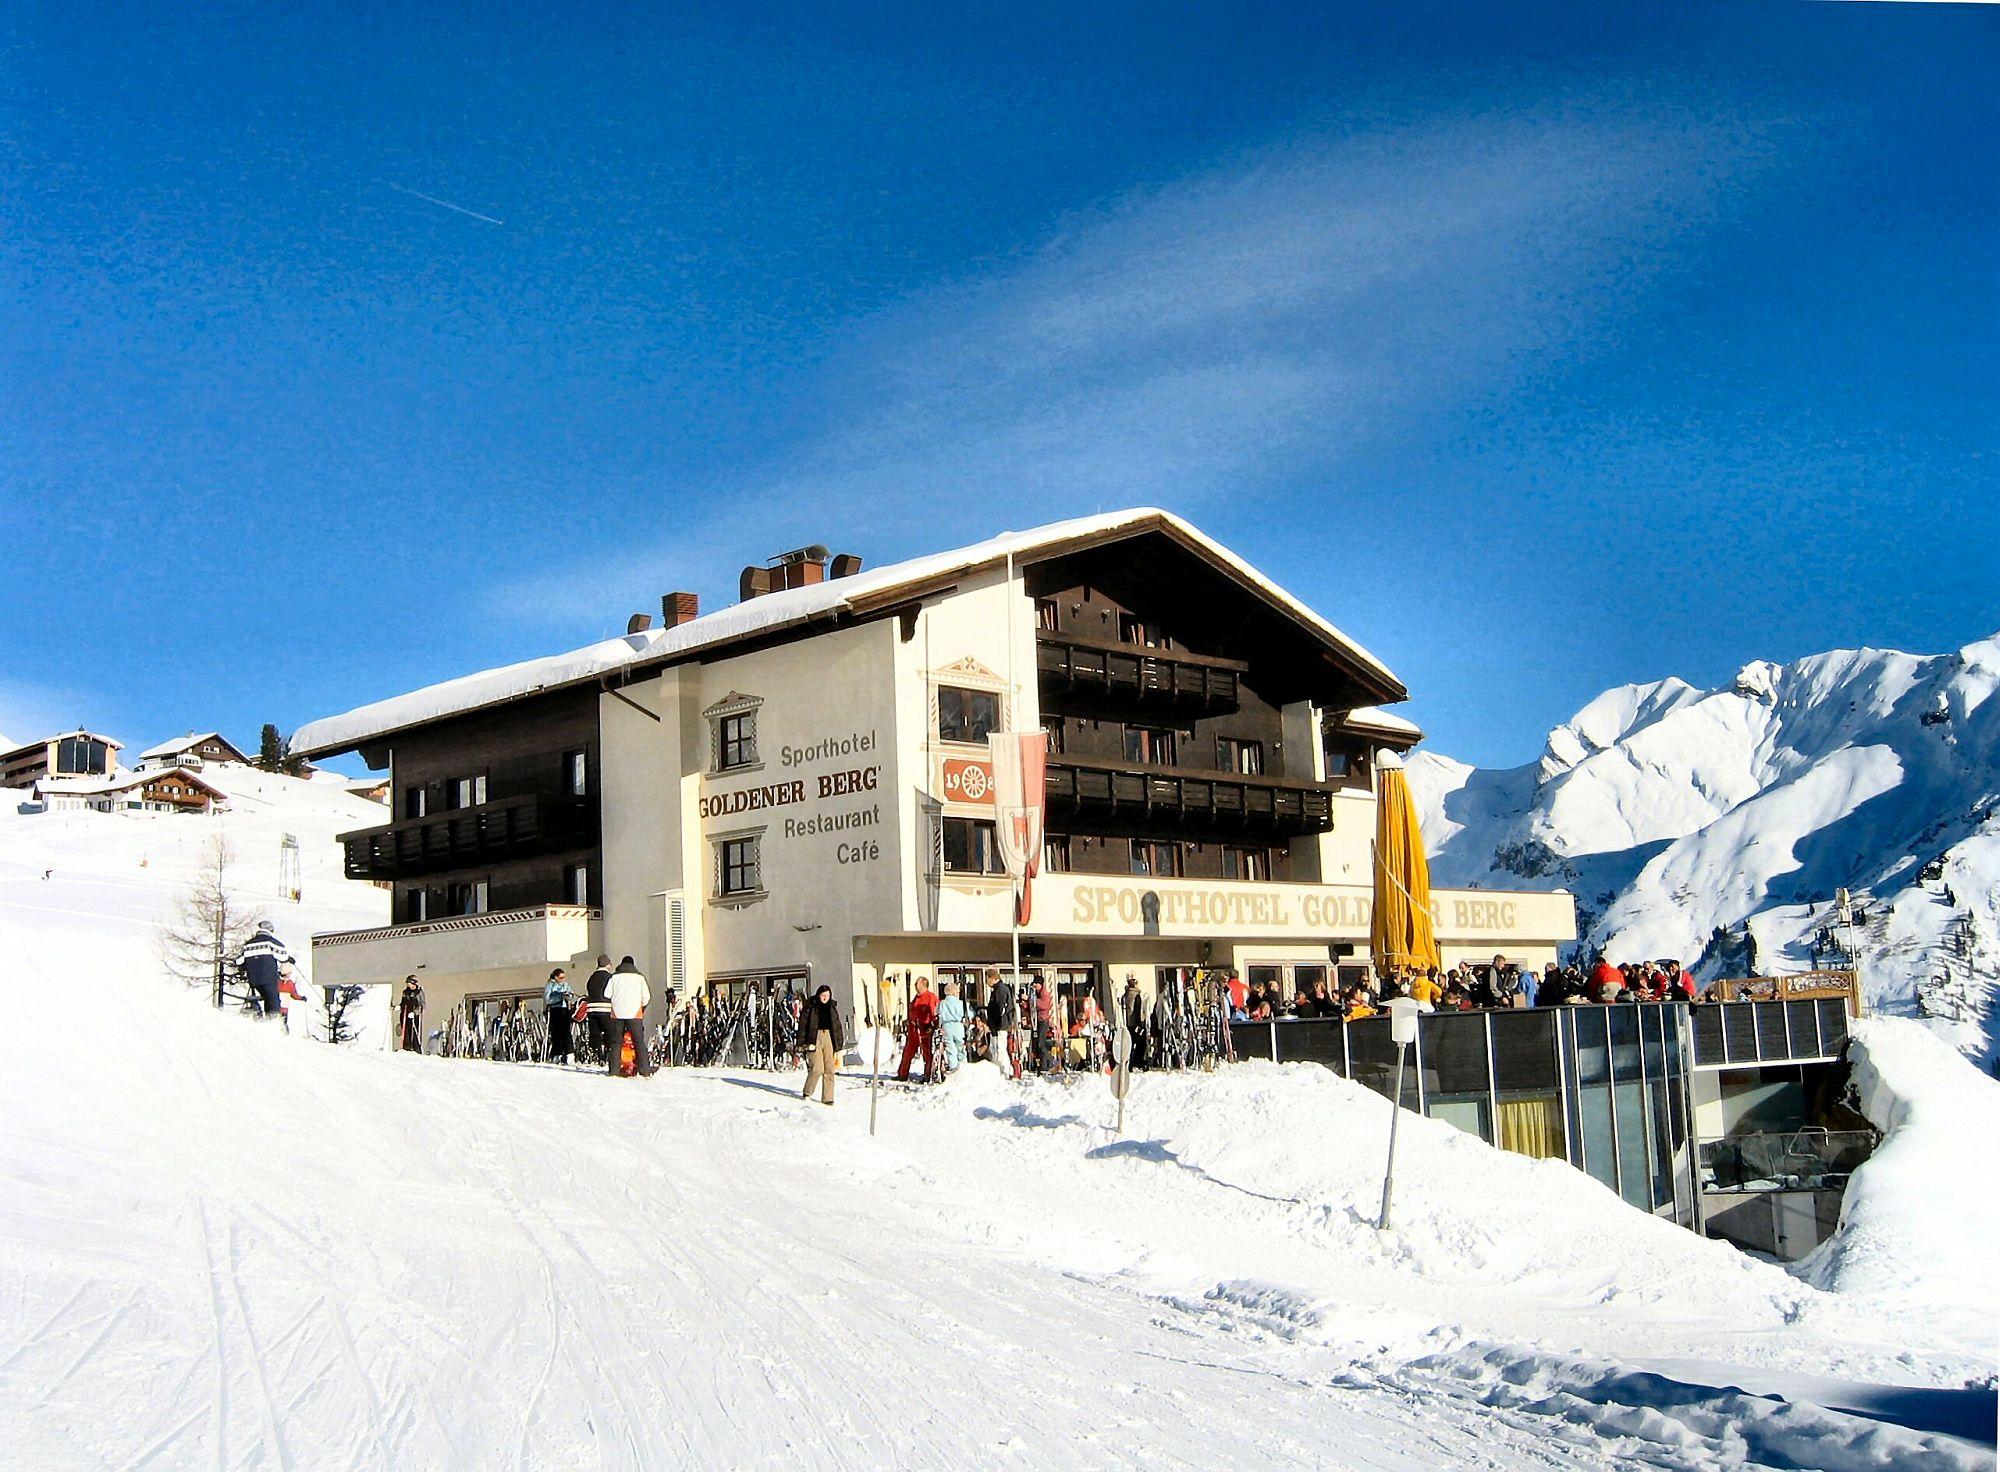 Enjoy-the-best-ski-slopes-in-Austria-at-Hotel-Goldener-Berg